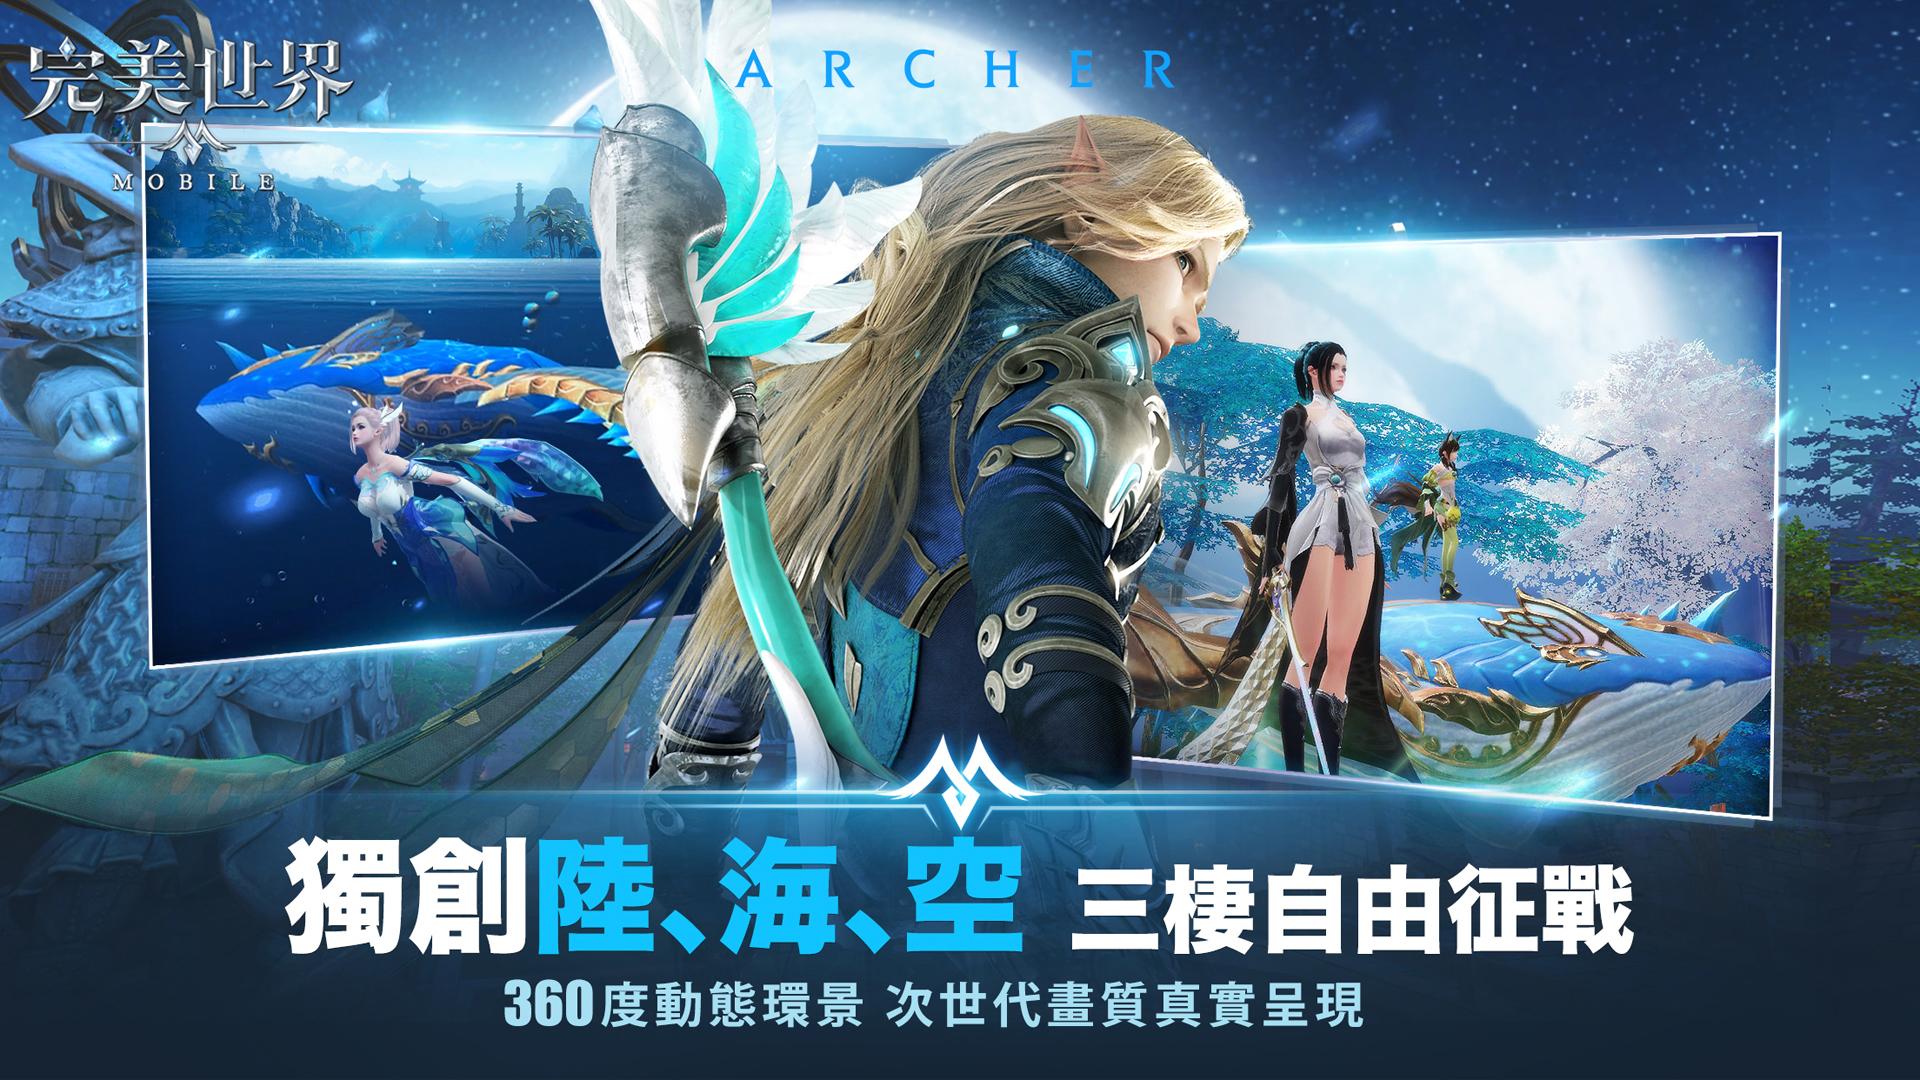 ▲海、陸和空三棲戰鬥,可以更完整體驗遊戲世界。